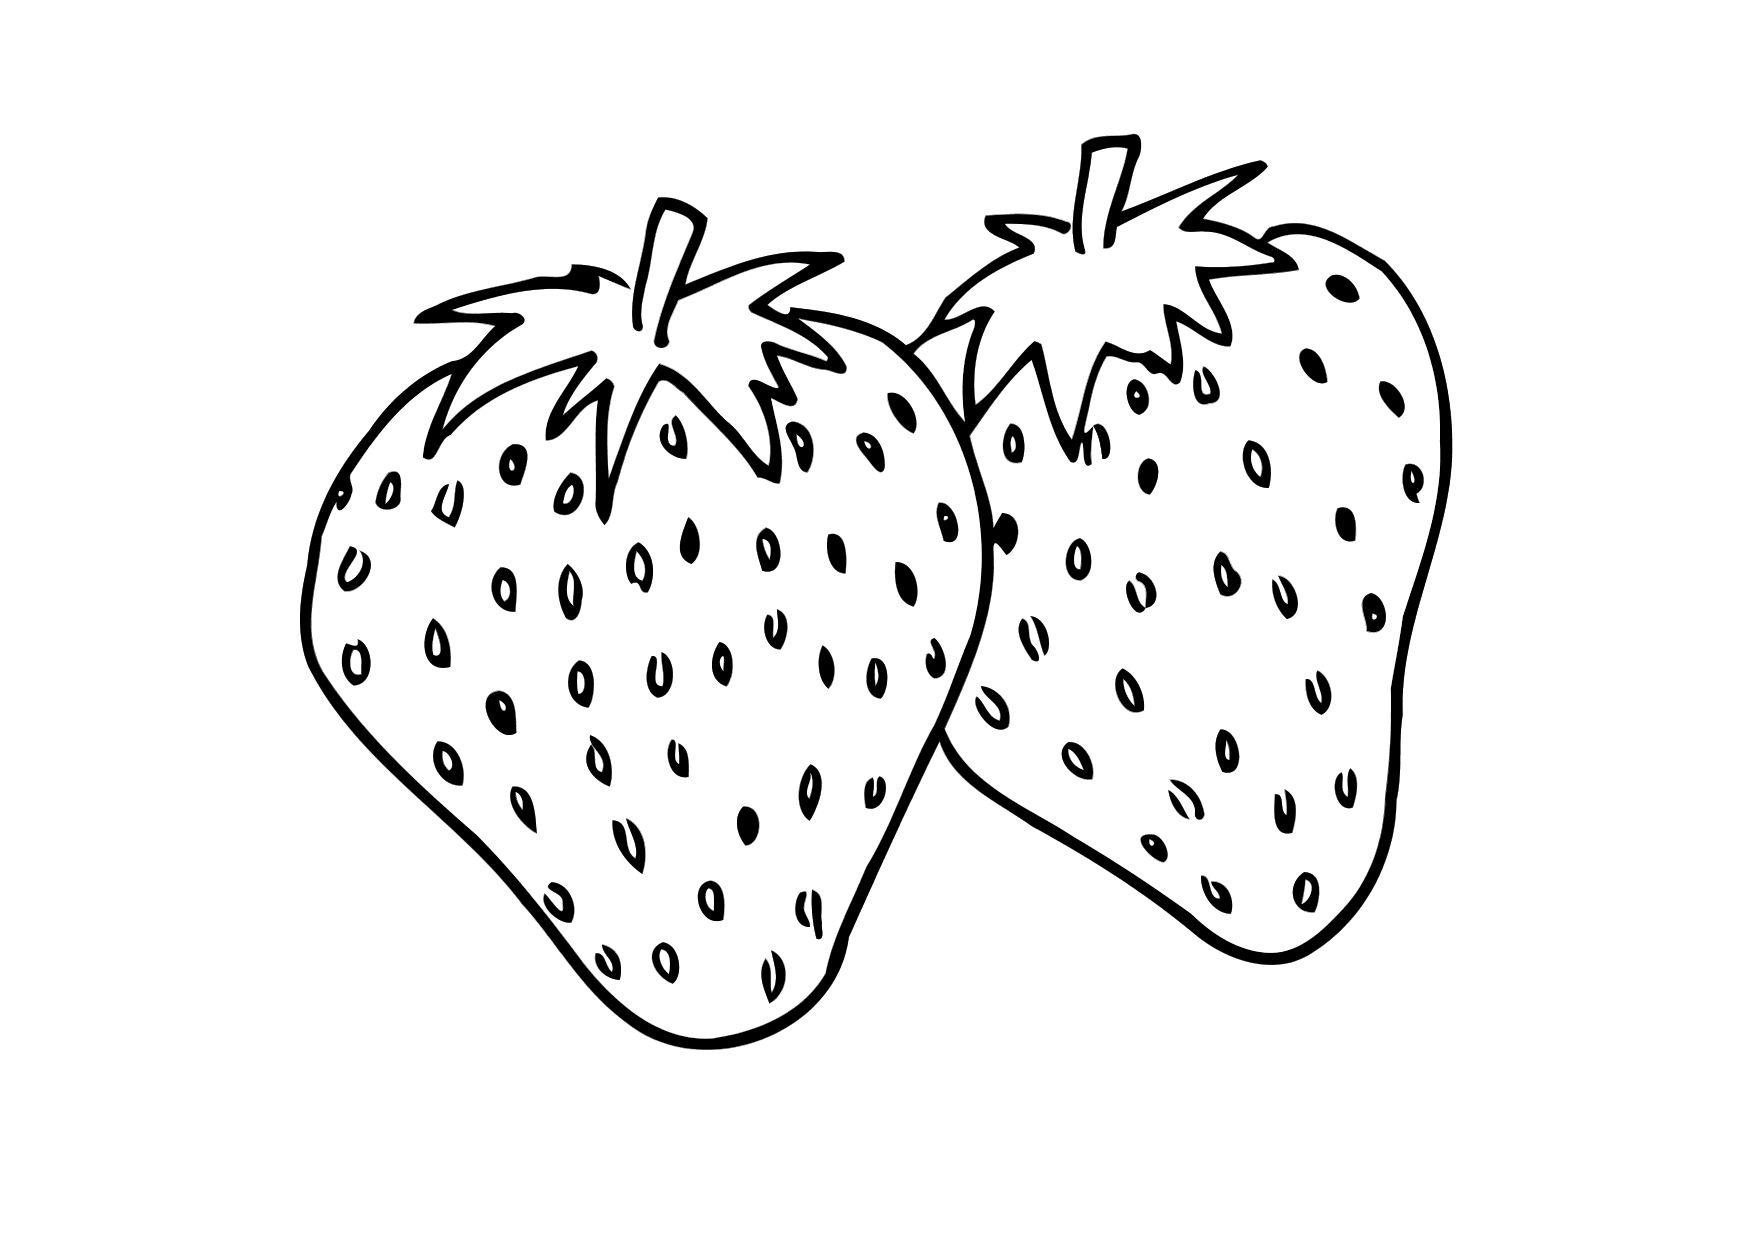 Atemberaubend Früchte Malvorlagen Galerie - Malvorlagen Von Tieren ...